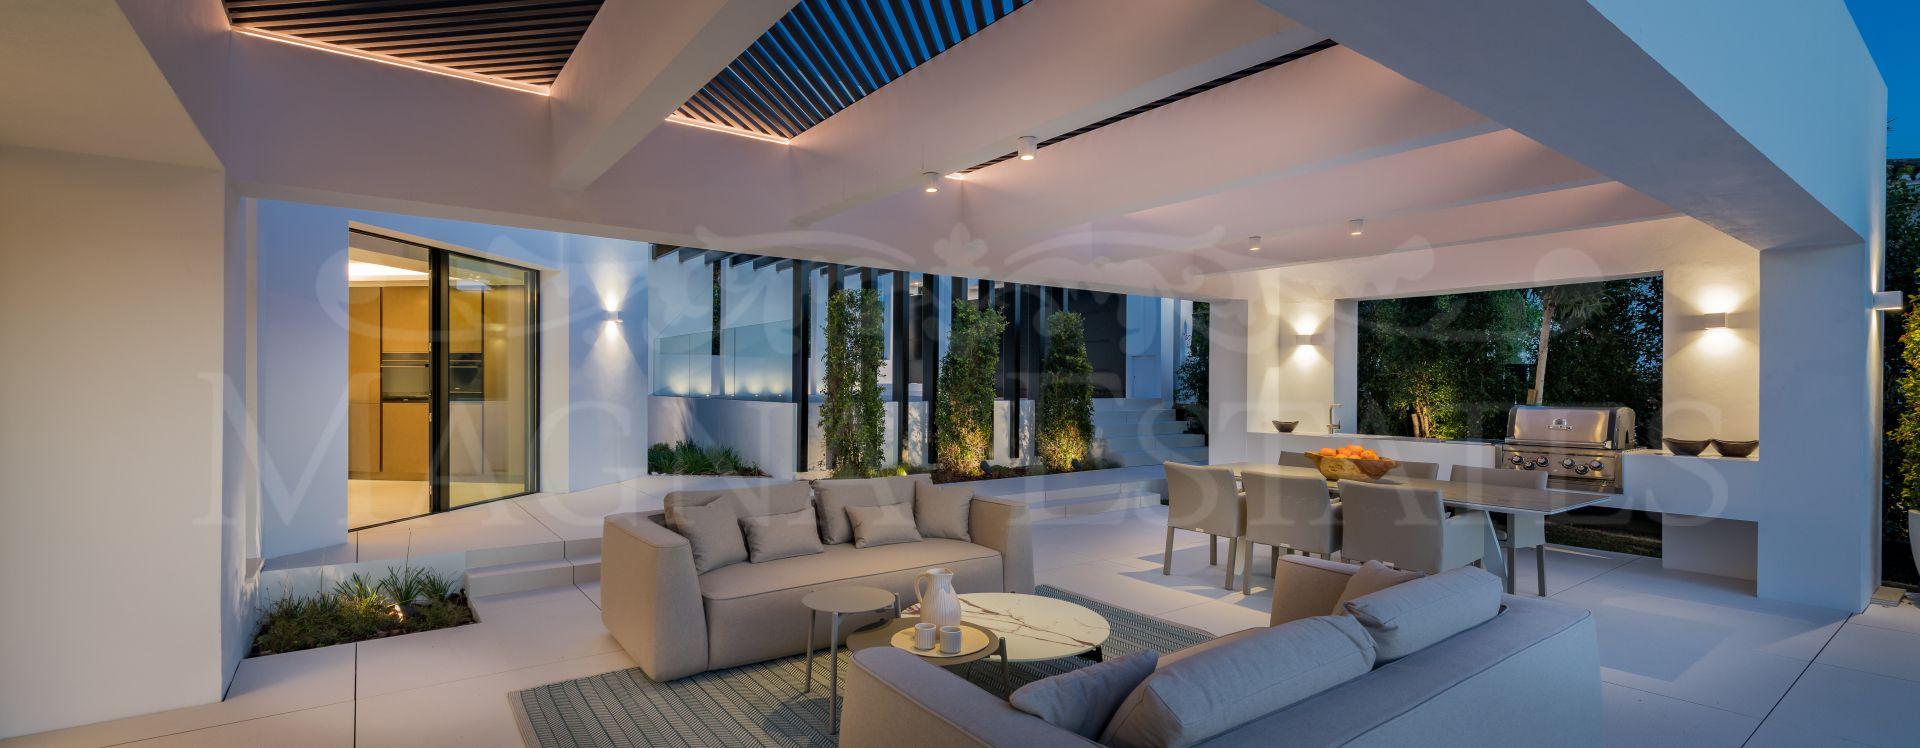 Fully renovated villa in Nueva Andalucía, next to Las Brisas golf